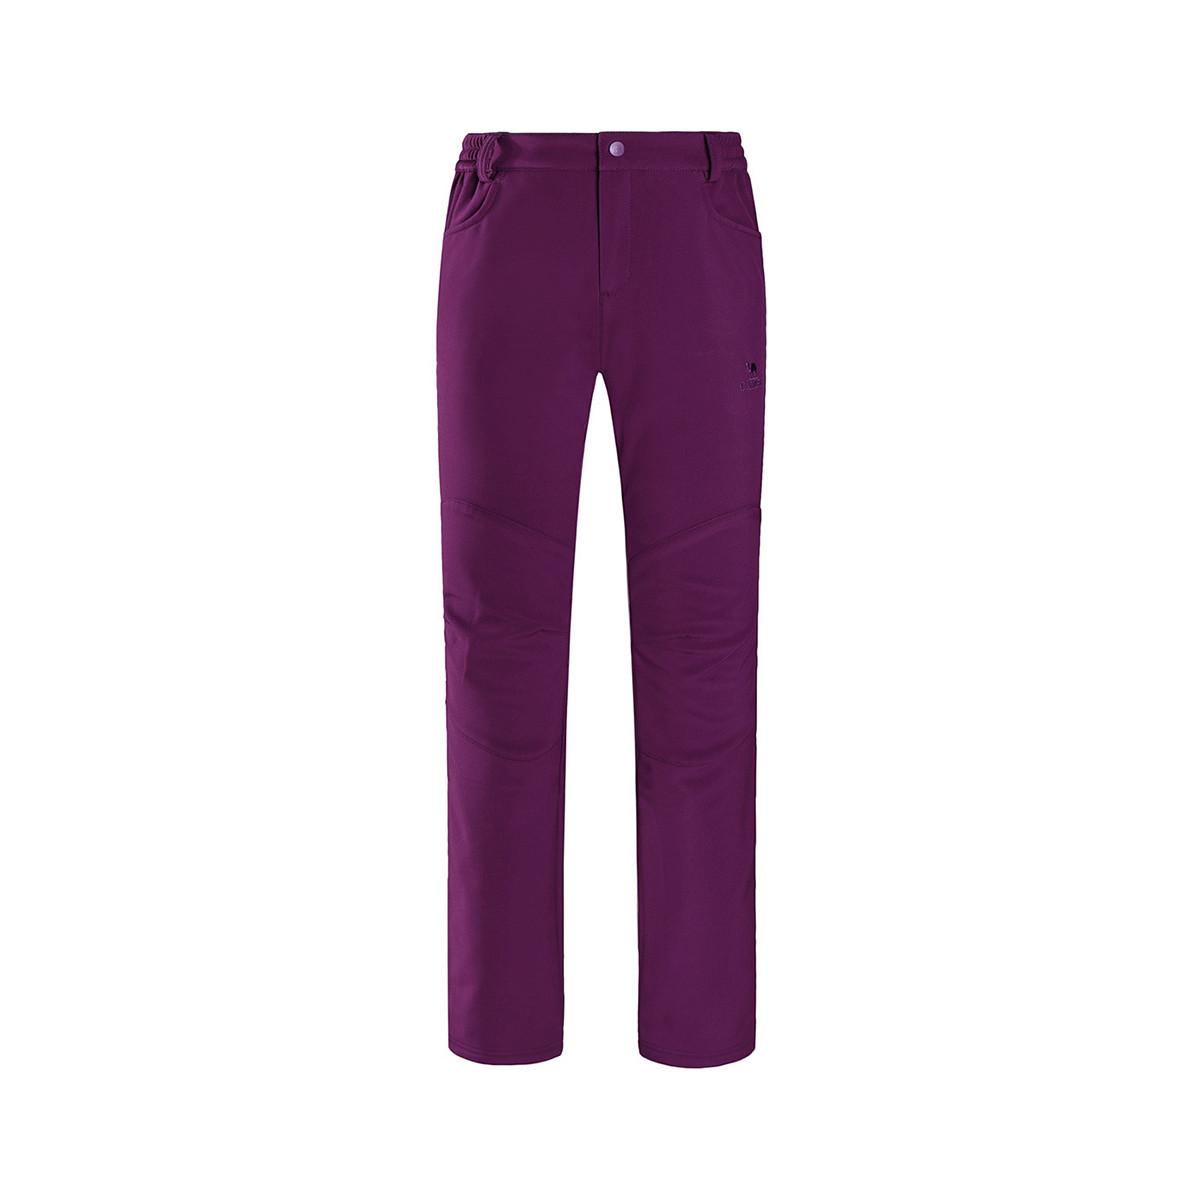 骆驼骆驼户外徒步运动旅游登山裤透气舒适潮流时尚简约 女款软壳裤74A7W4118135ATK